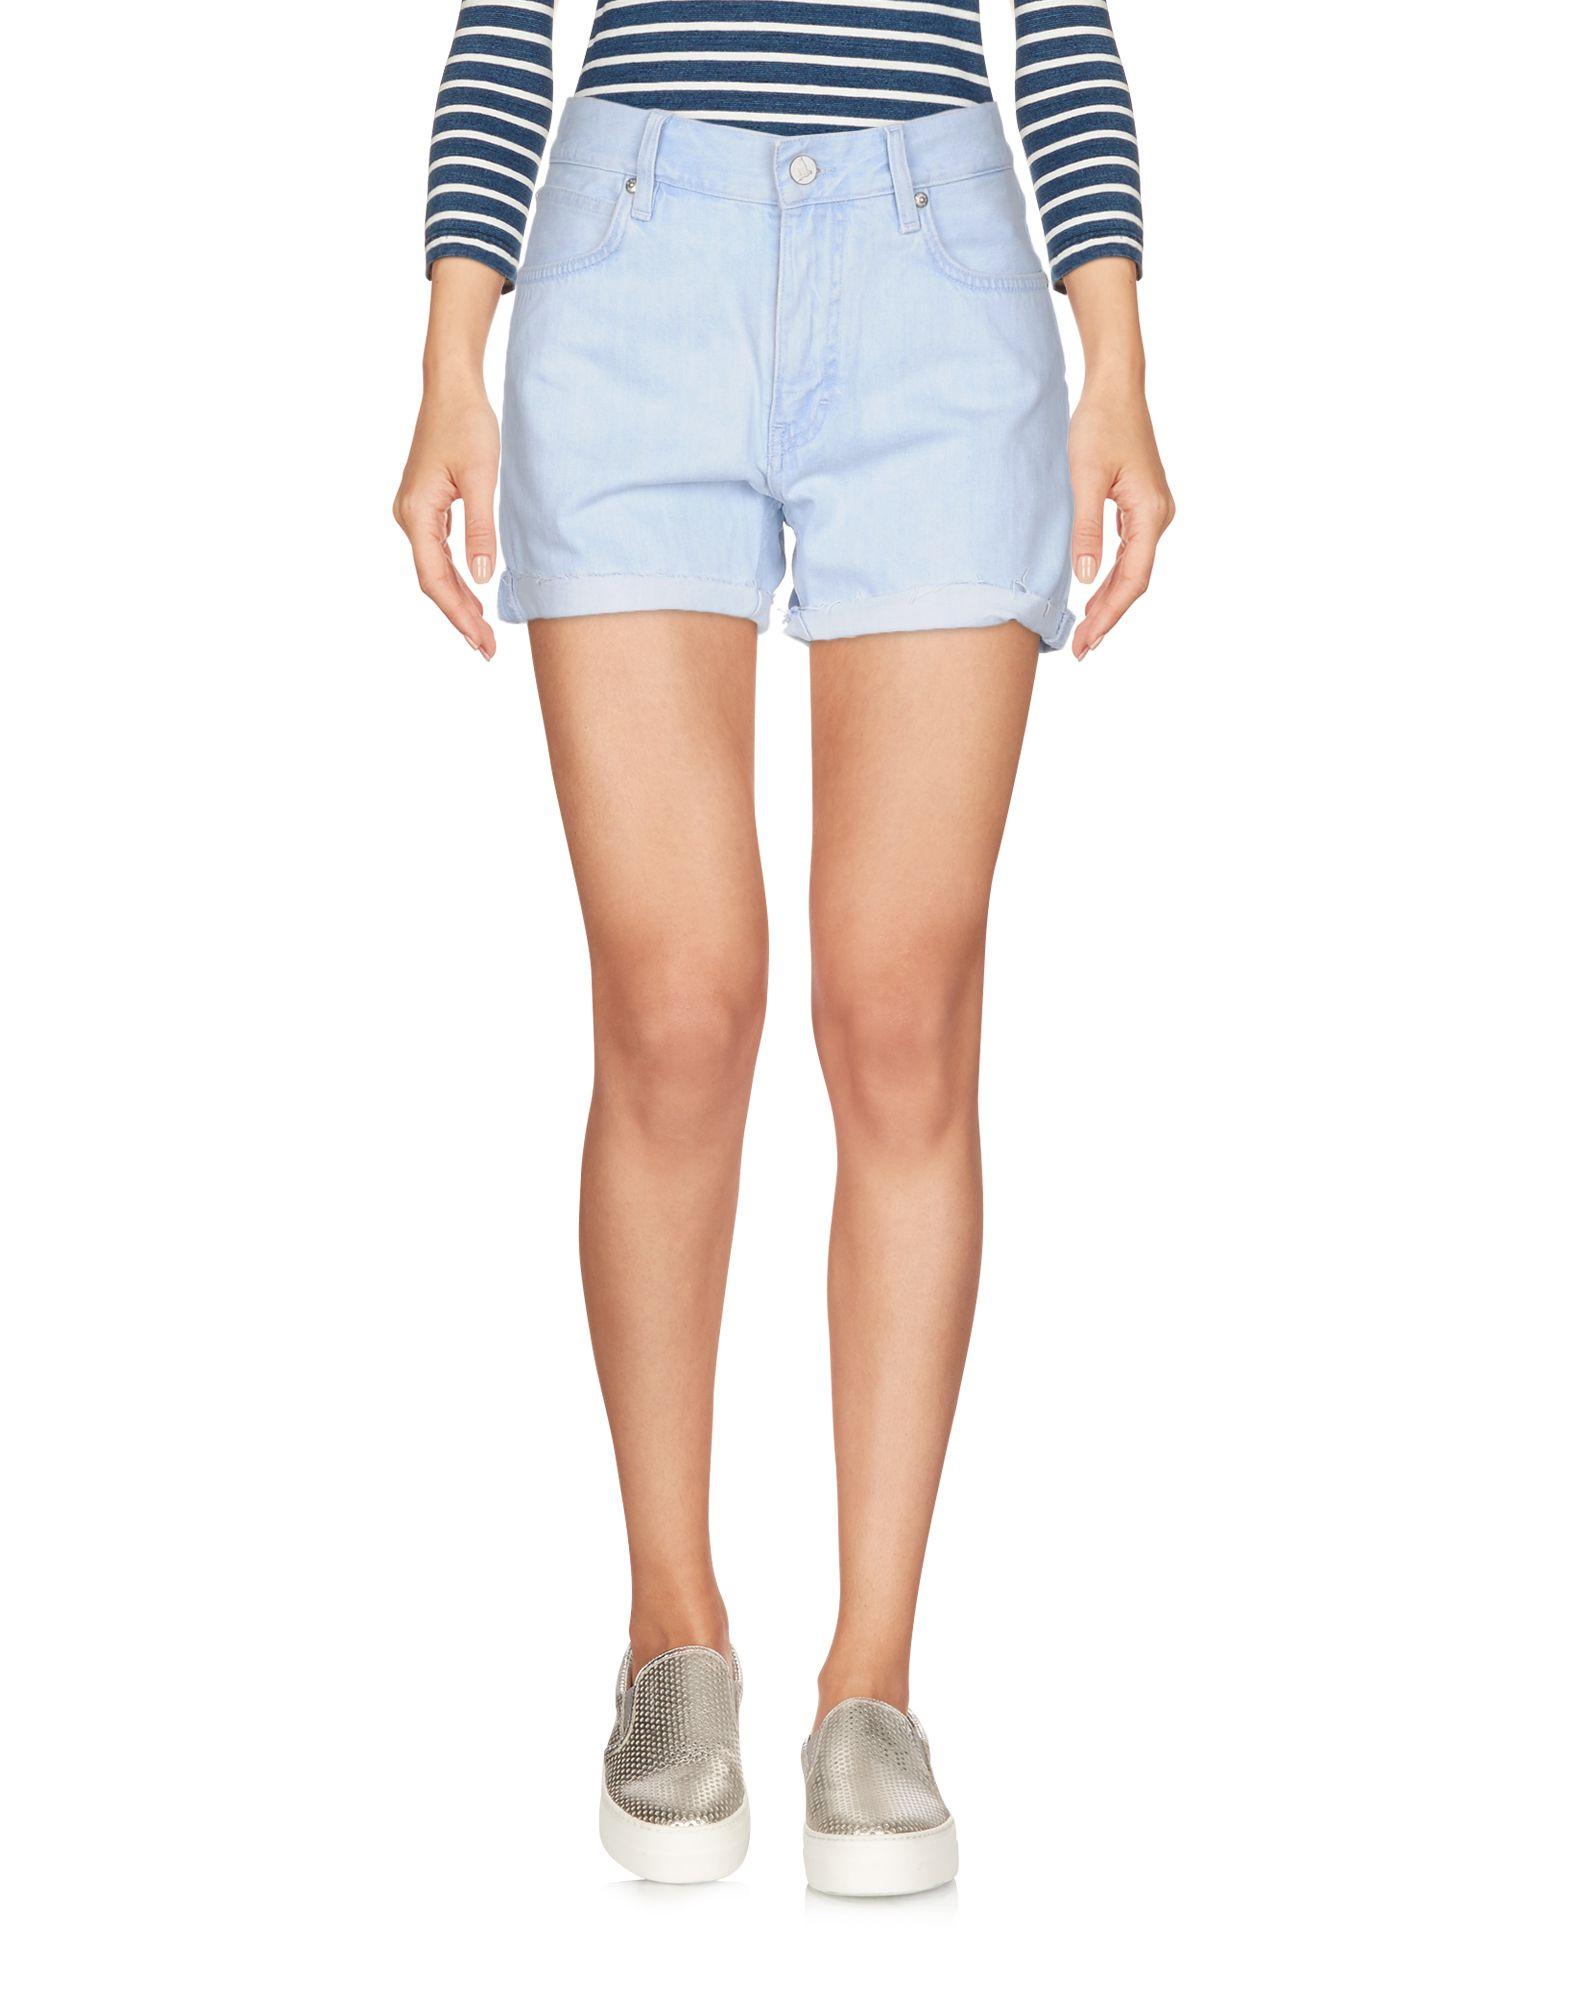 M.I.H JEANS Джинсовые шорты guess jeans джинсовые шорты page href